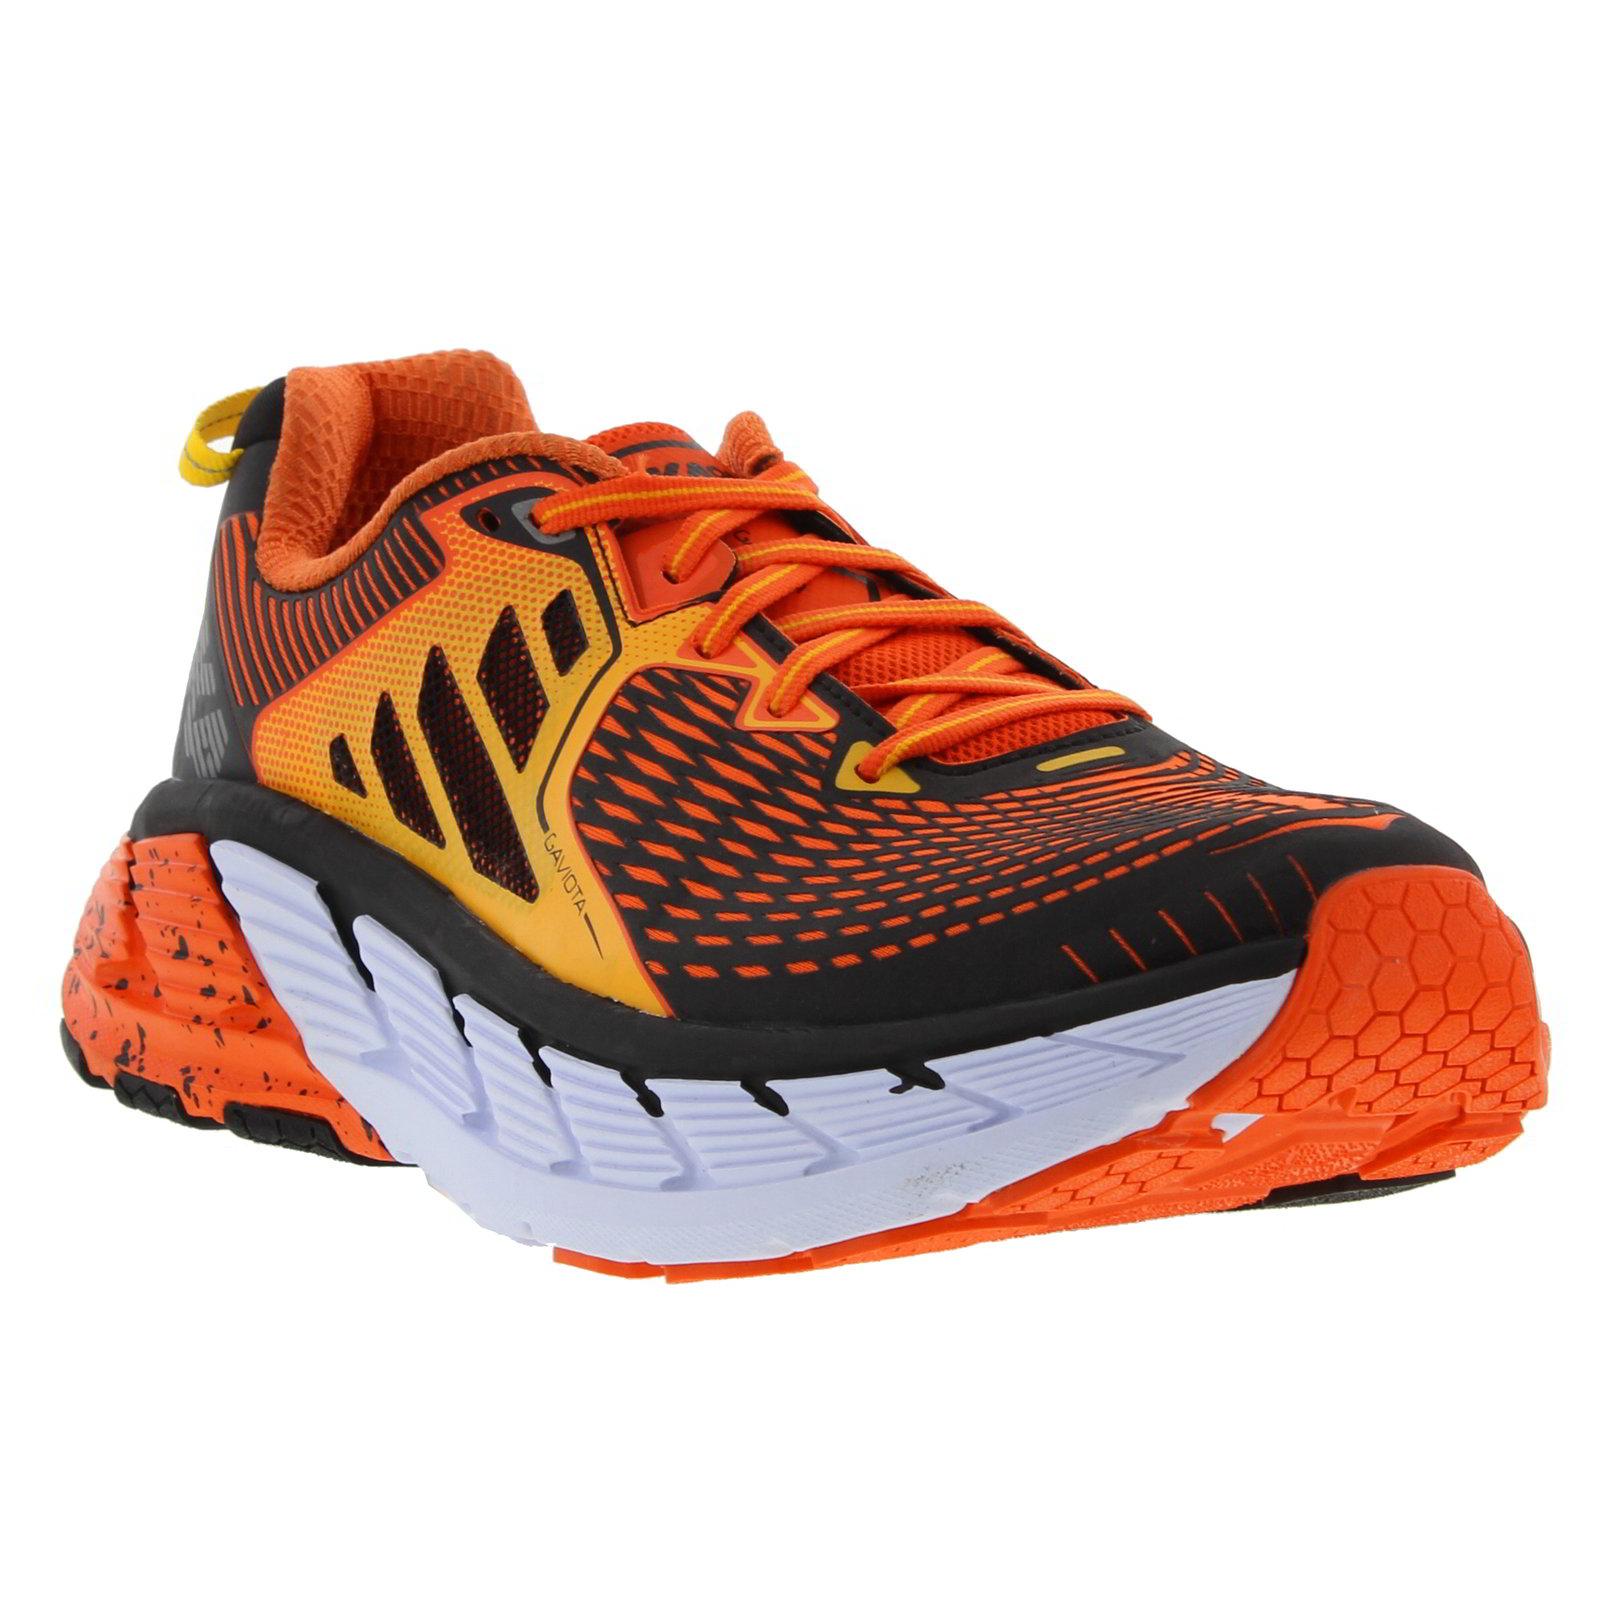 Mens Hoka Road Shoes Sale